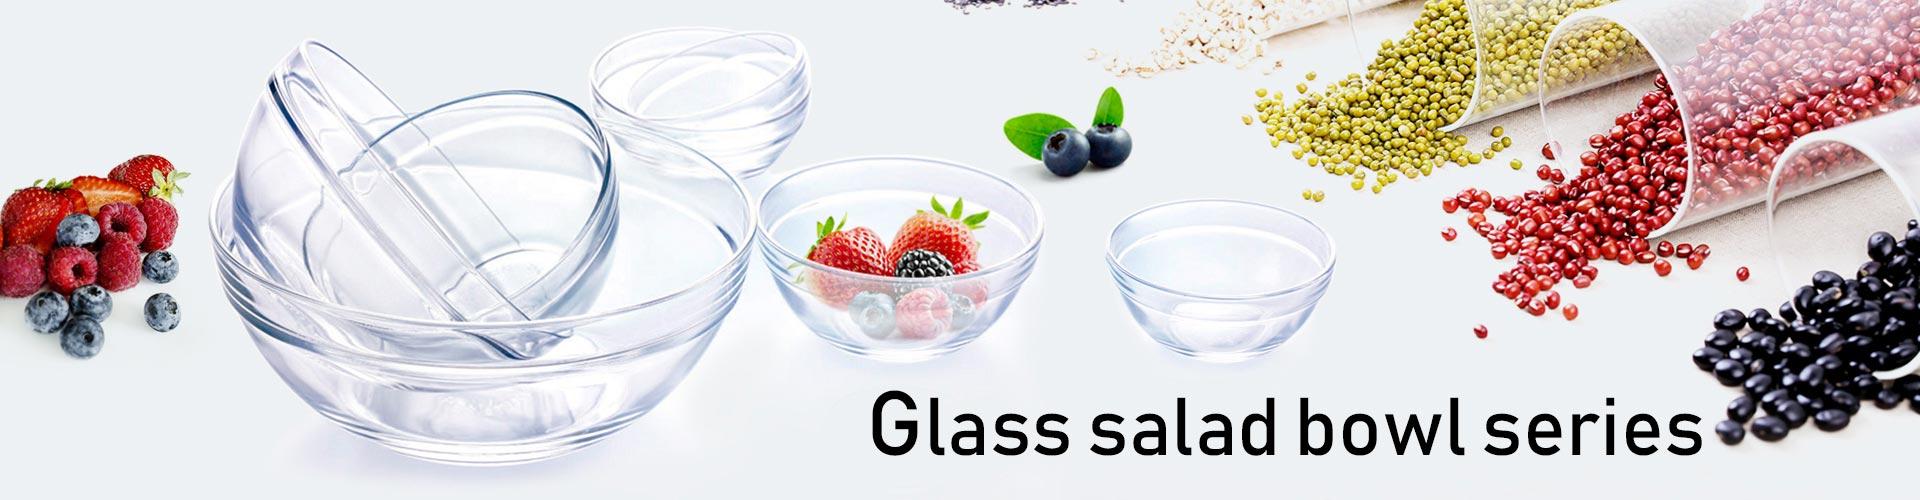 serie de ensaladeras de vidrio